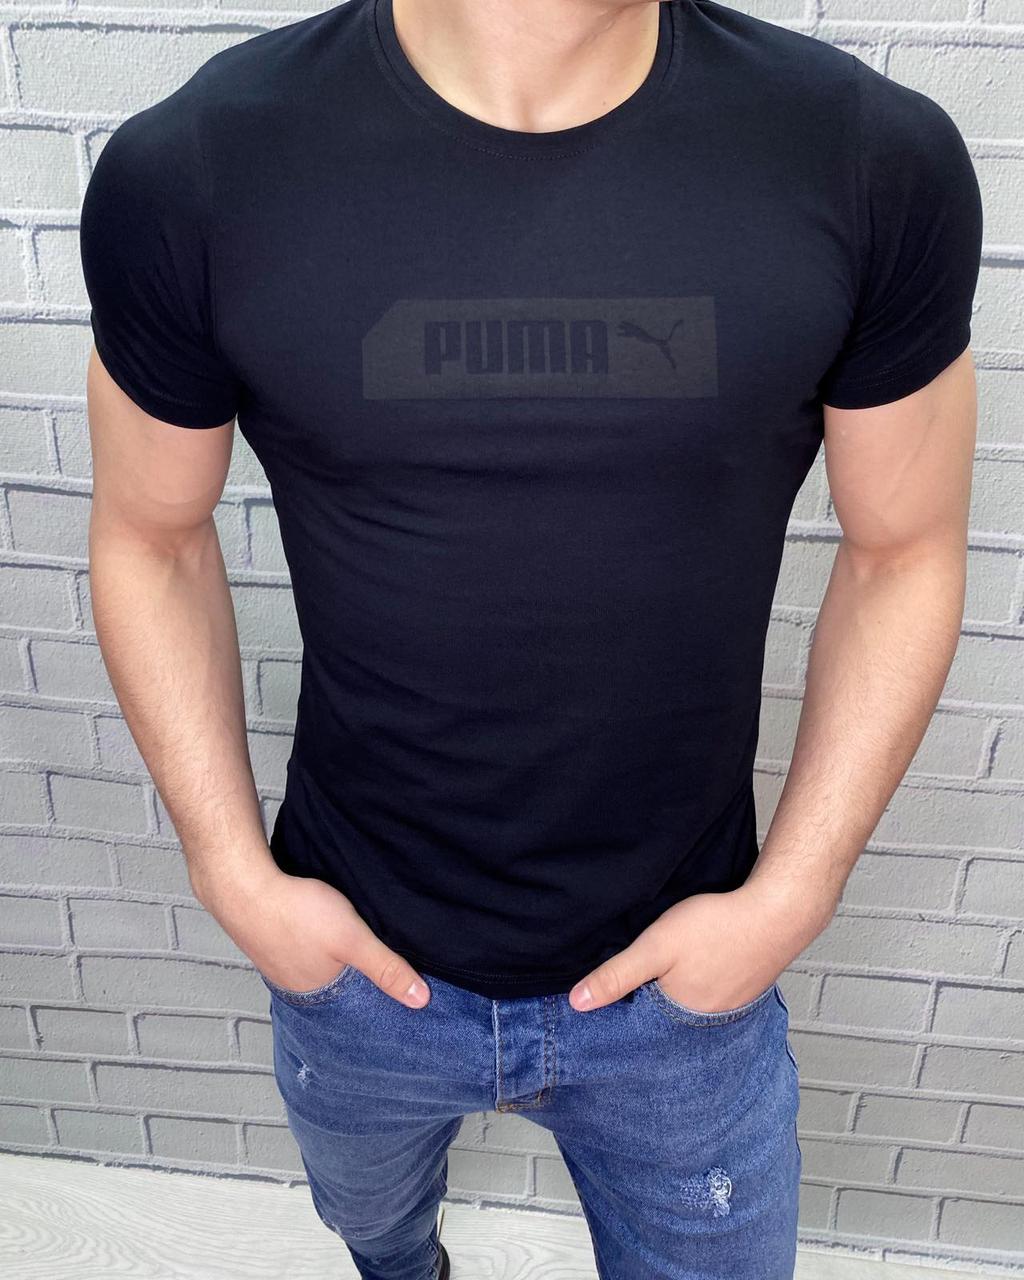 619 Puma Чорний XXL